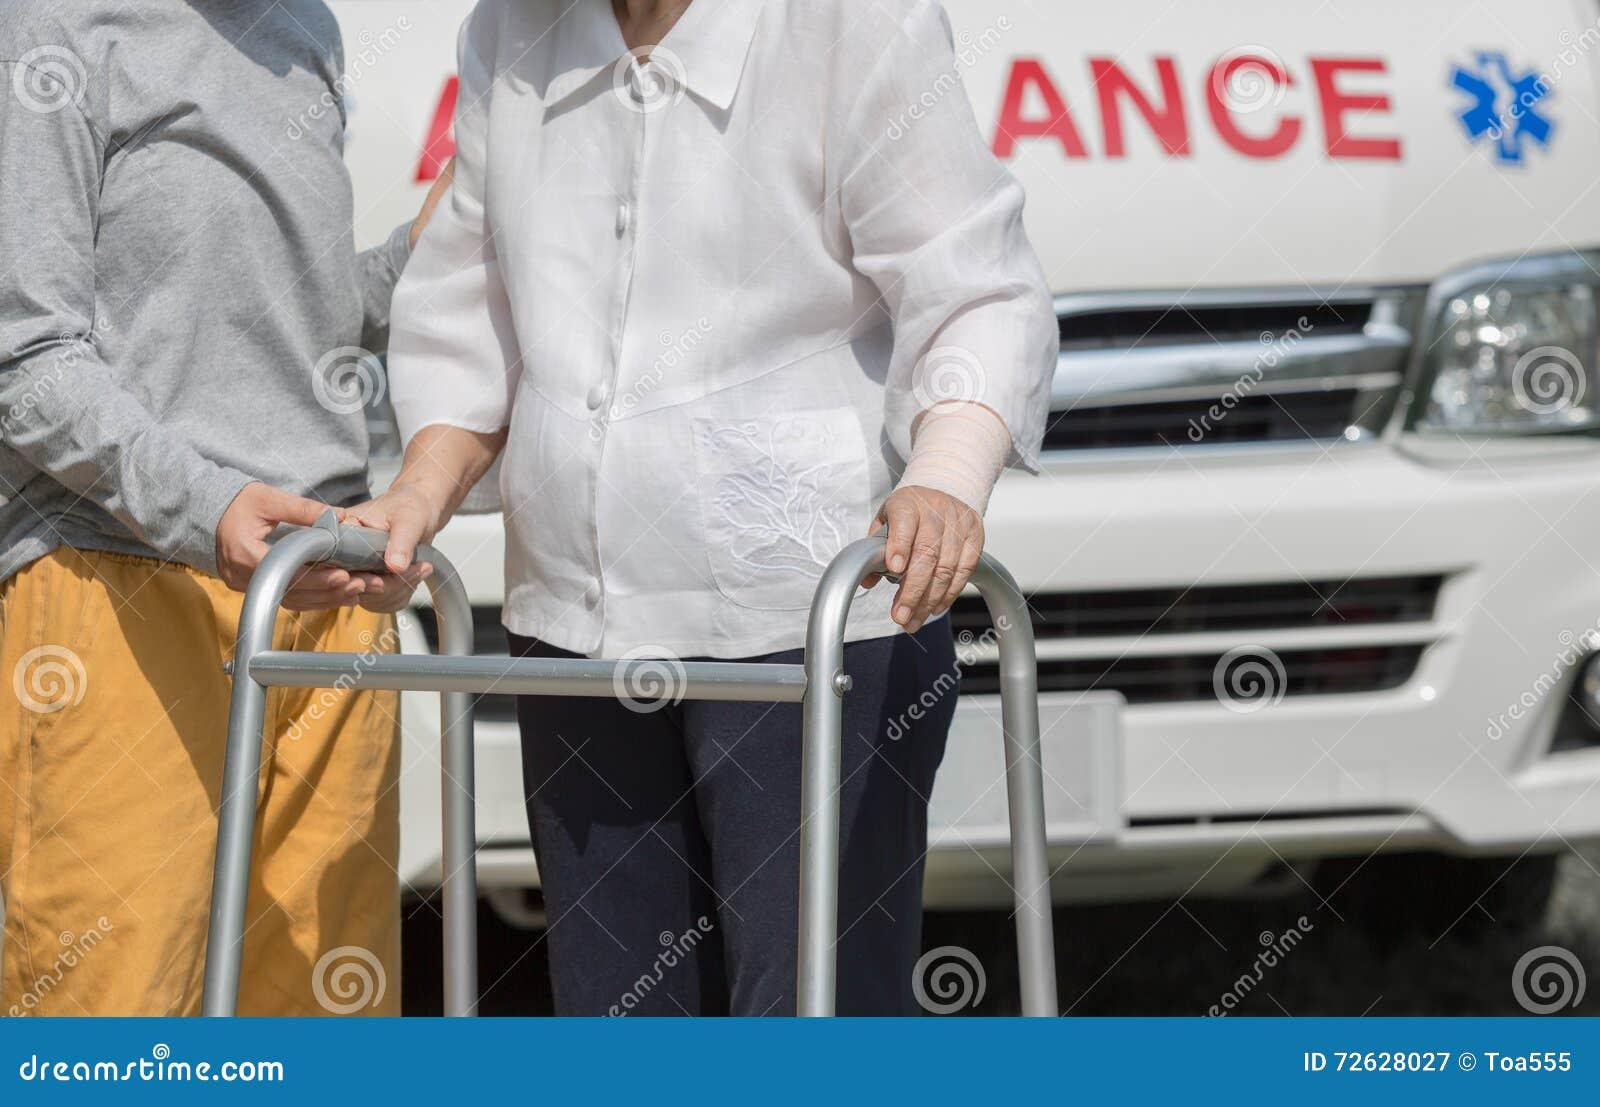 Ανώτερη γυναίκα που χρησιμοποιεί έναν περιπατητή με το caregiver